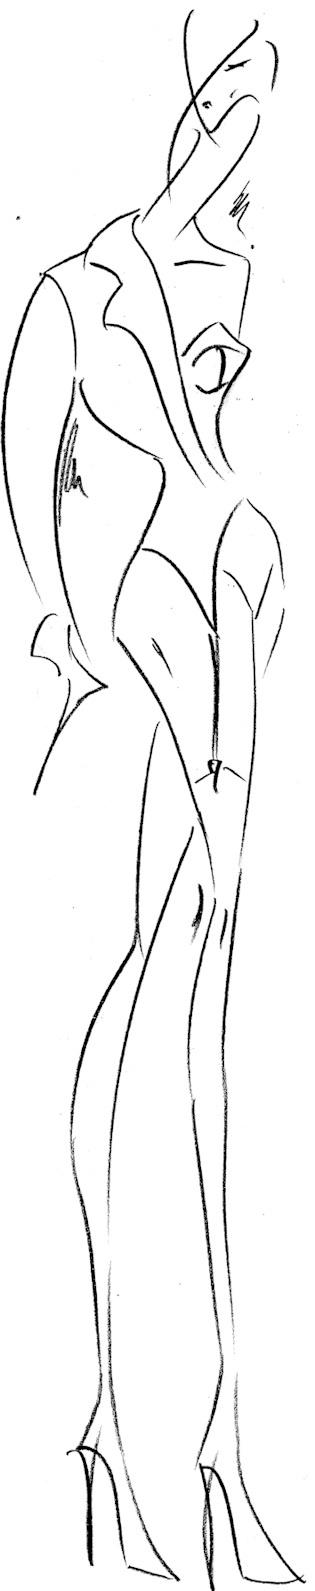 Boceto de andres sarda para cibeles 2011